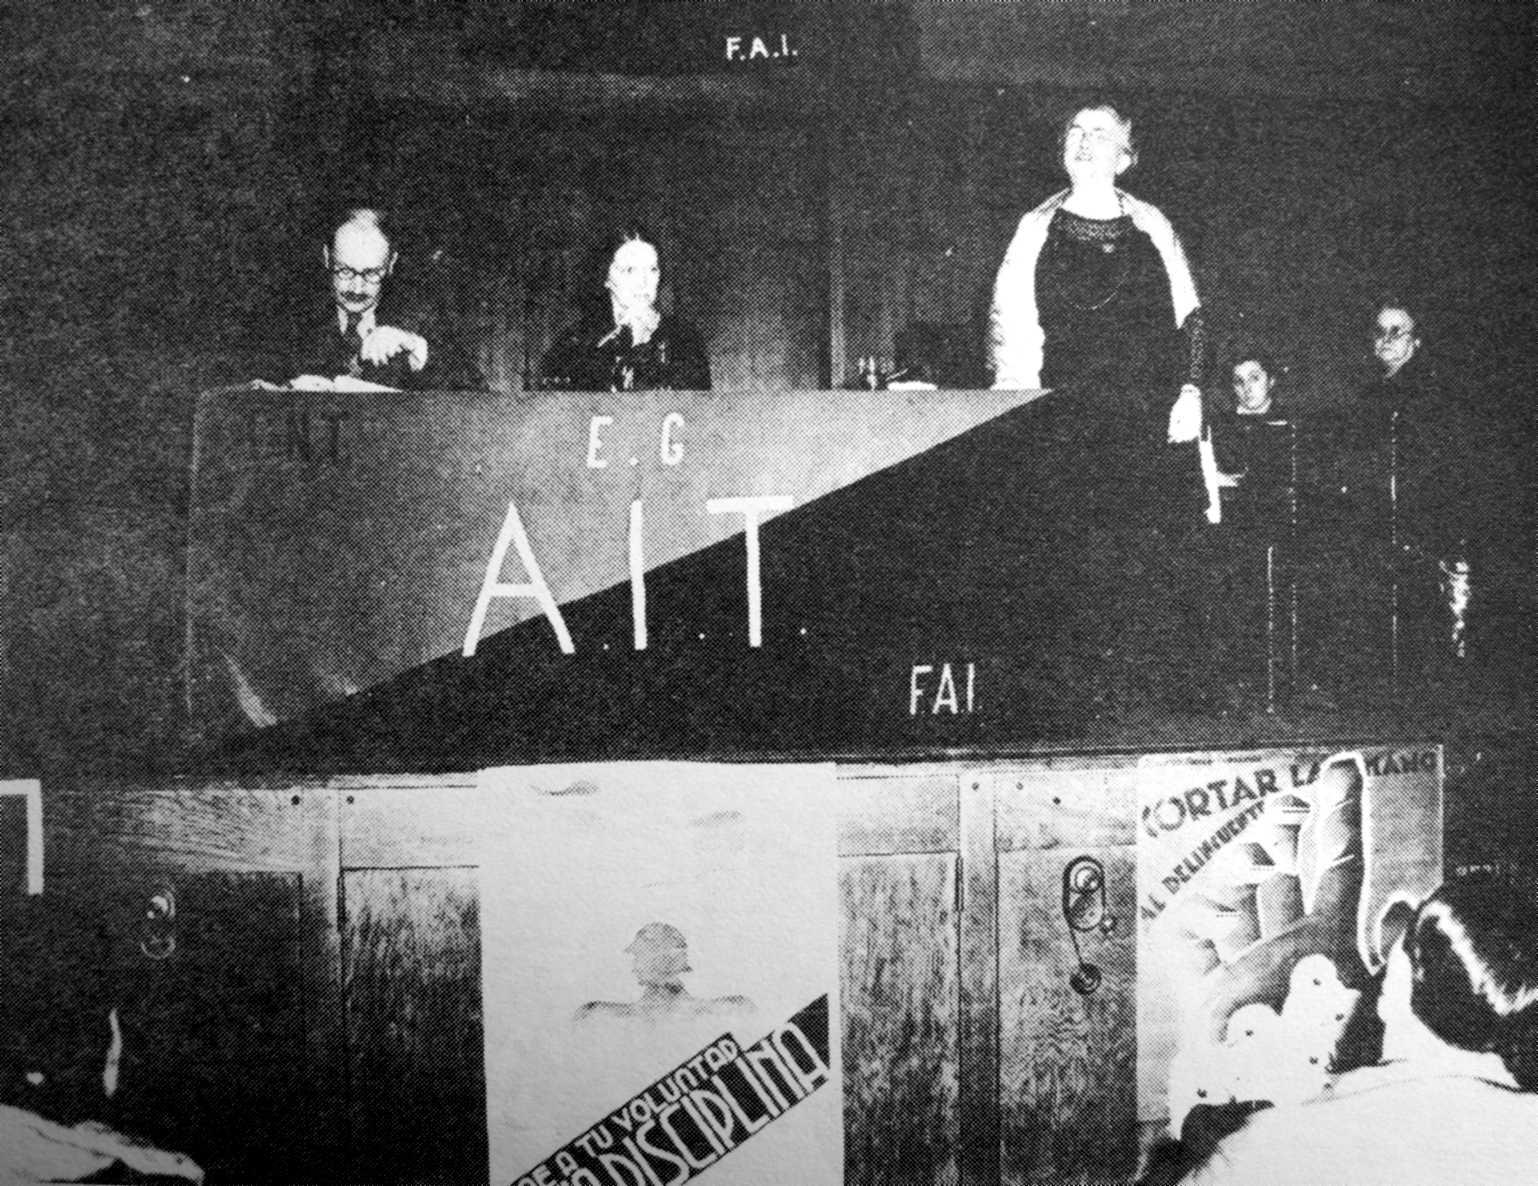 Un moment d'aquest míting. D'esquerra a dreta: Brockway, Mannin i Goldman